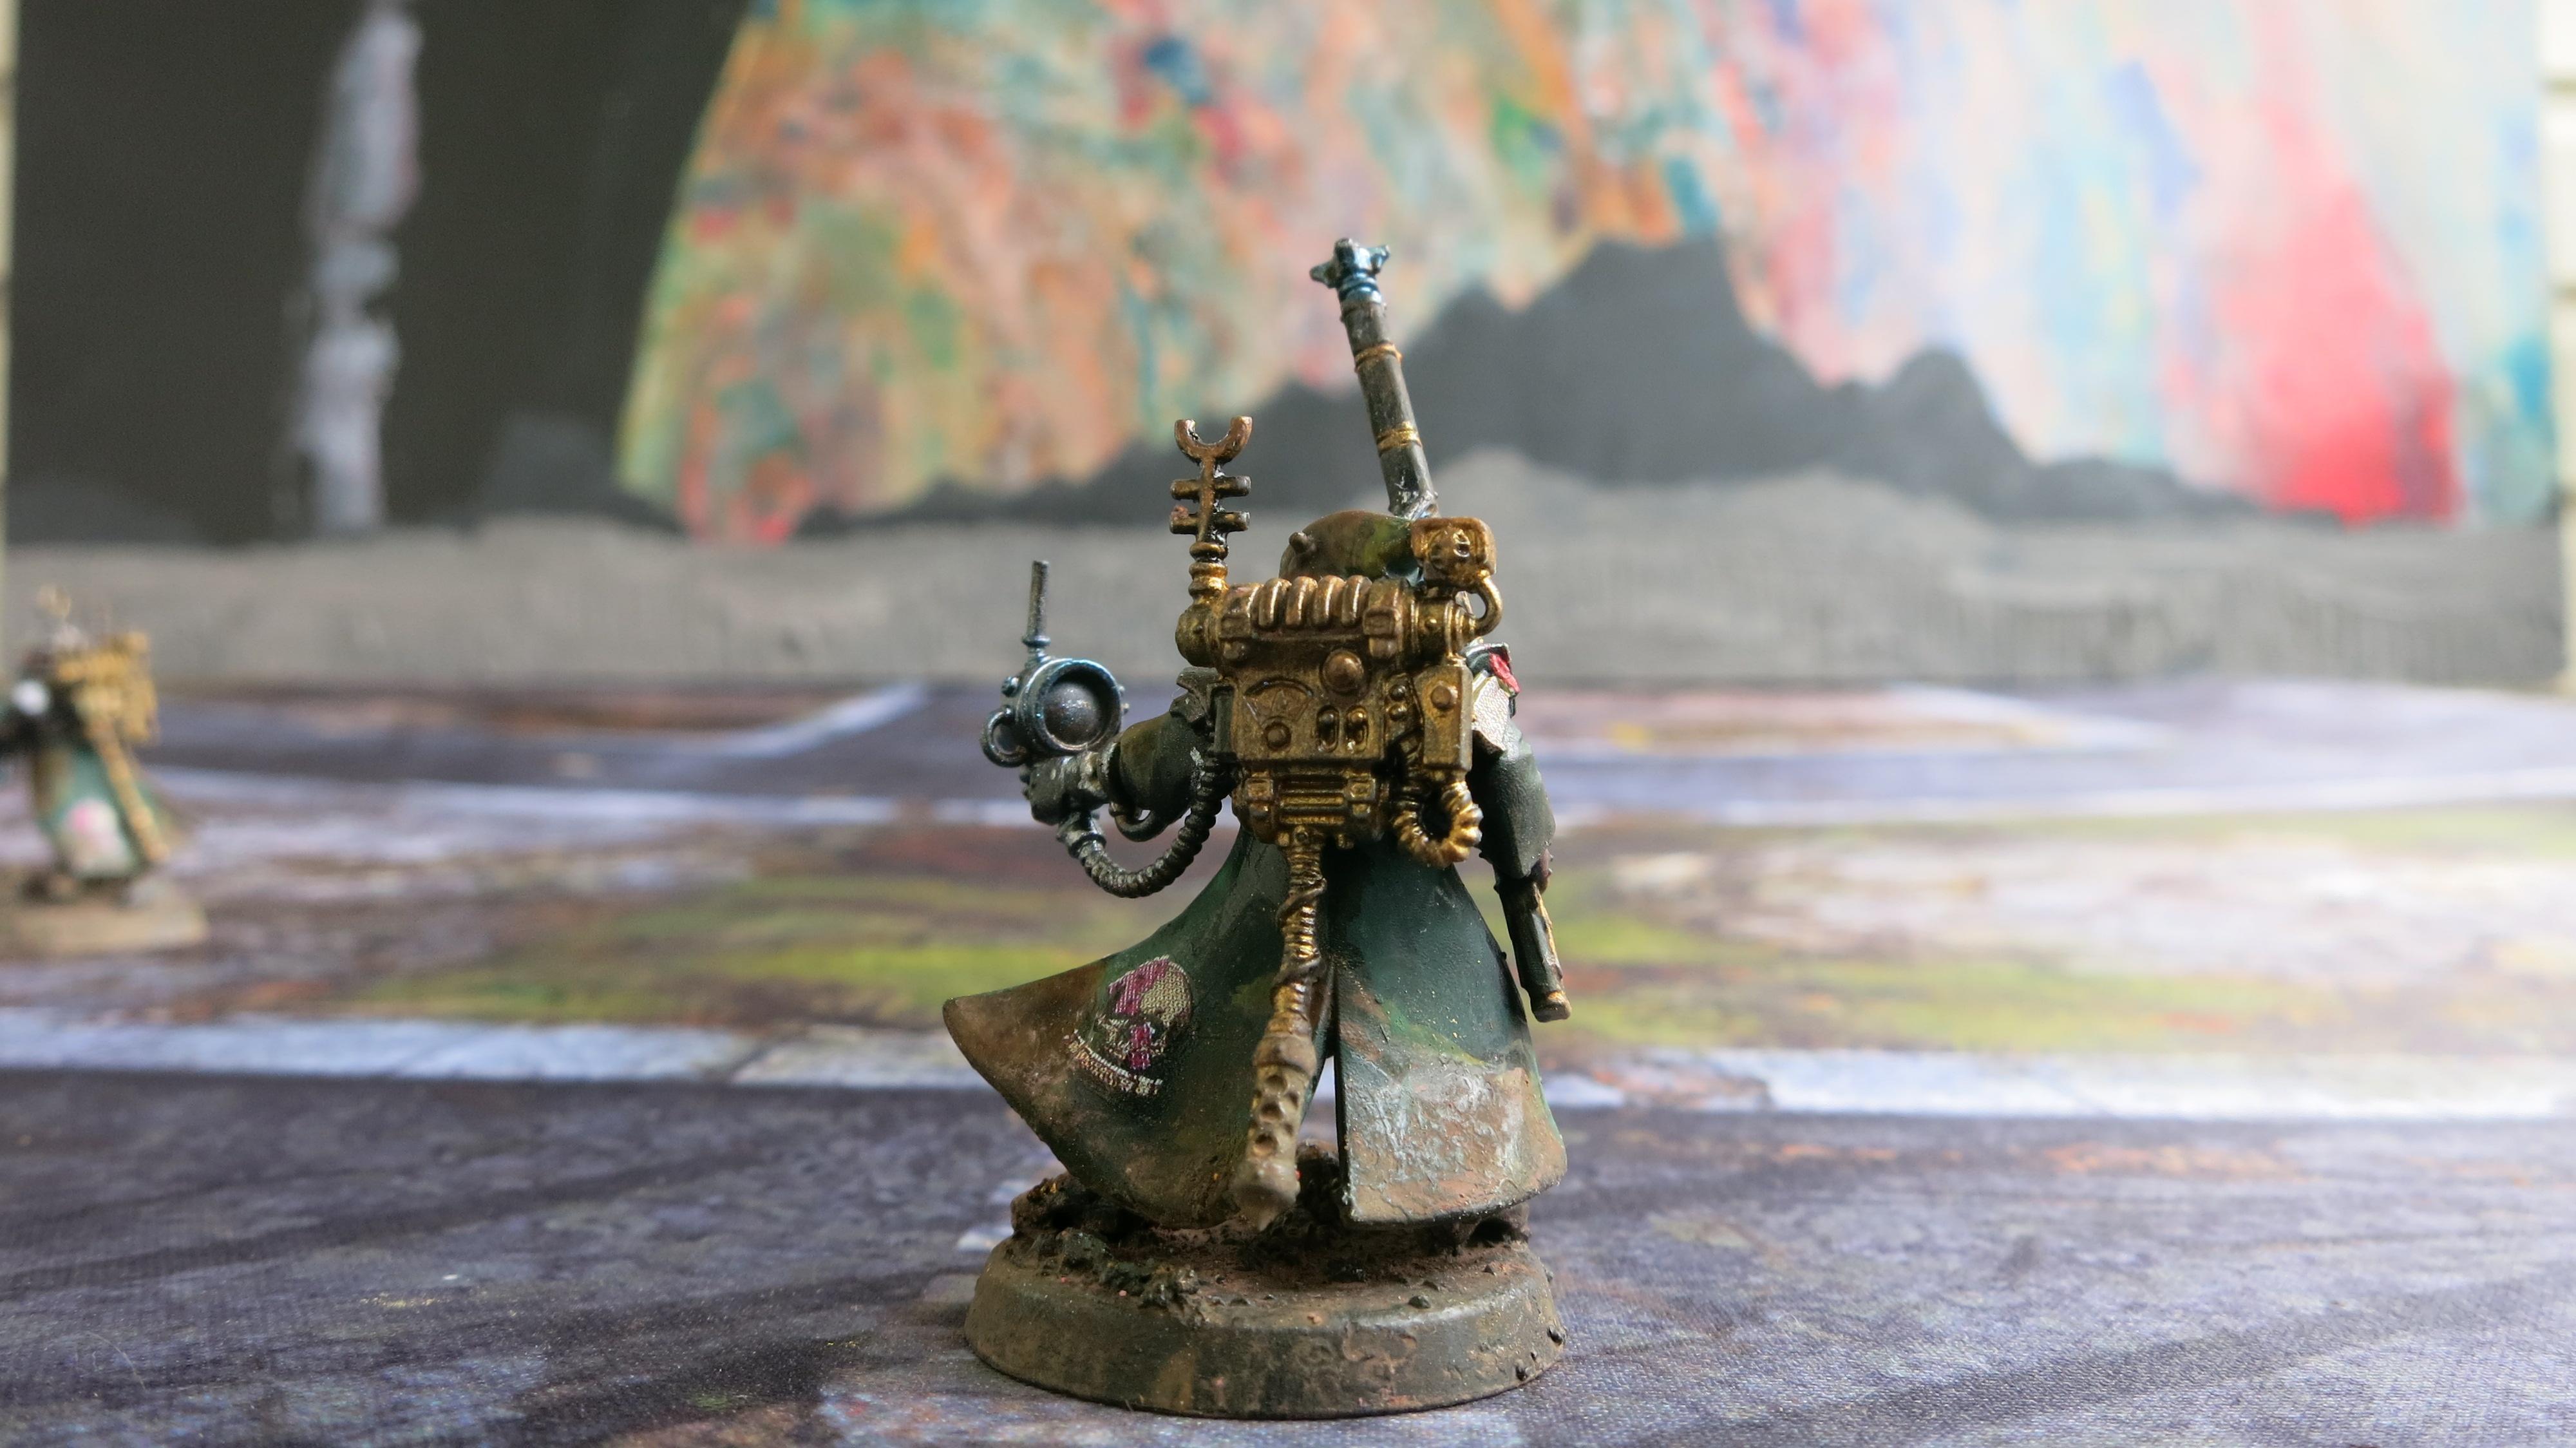 Adeptus Mechanicus, Admech, Galvanic Rifle, Omni-spec, Omnispex, Rangers, Skitarri